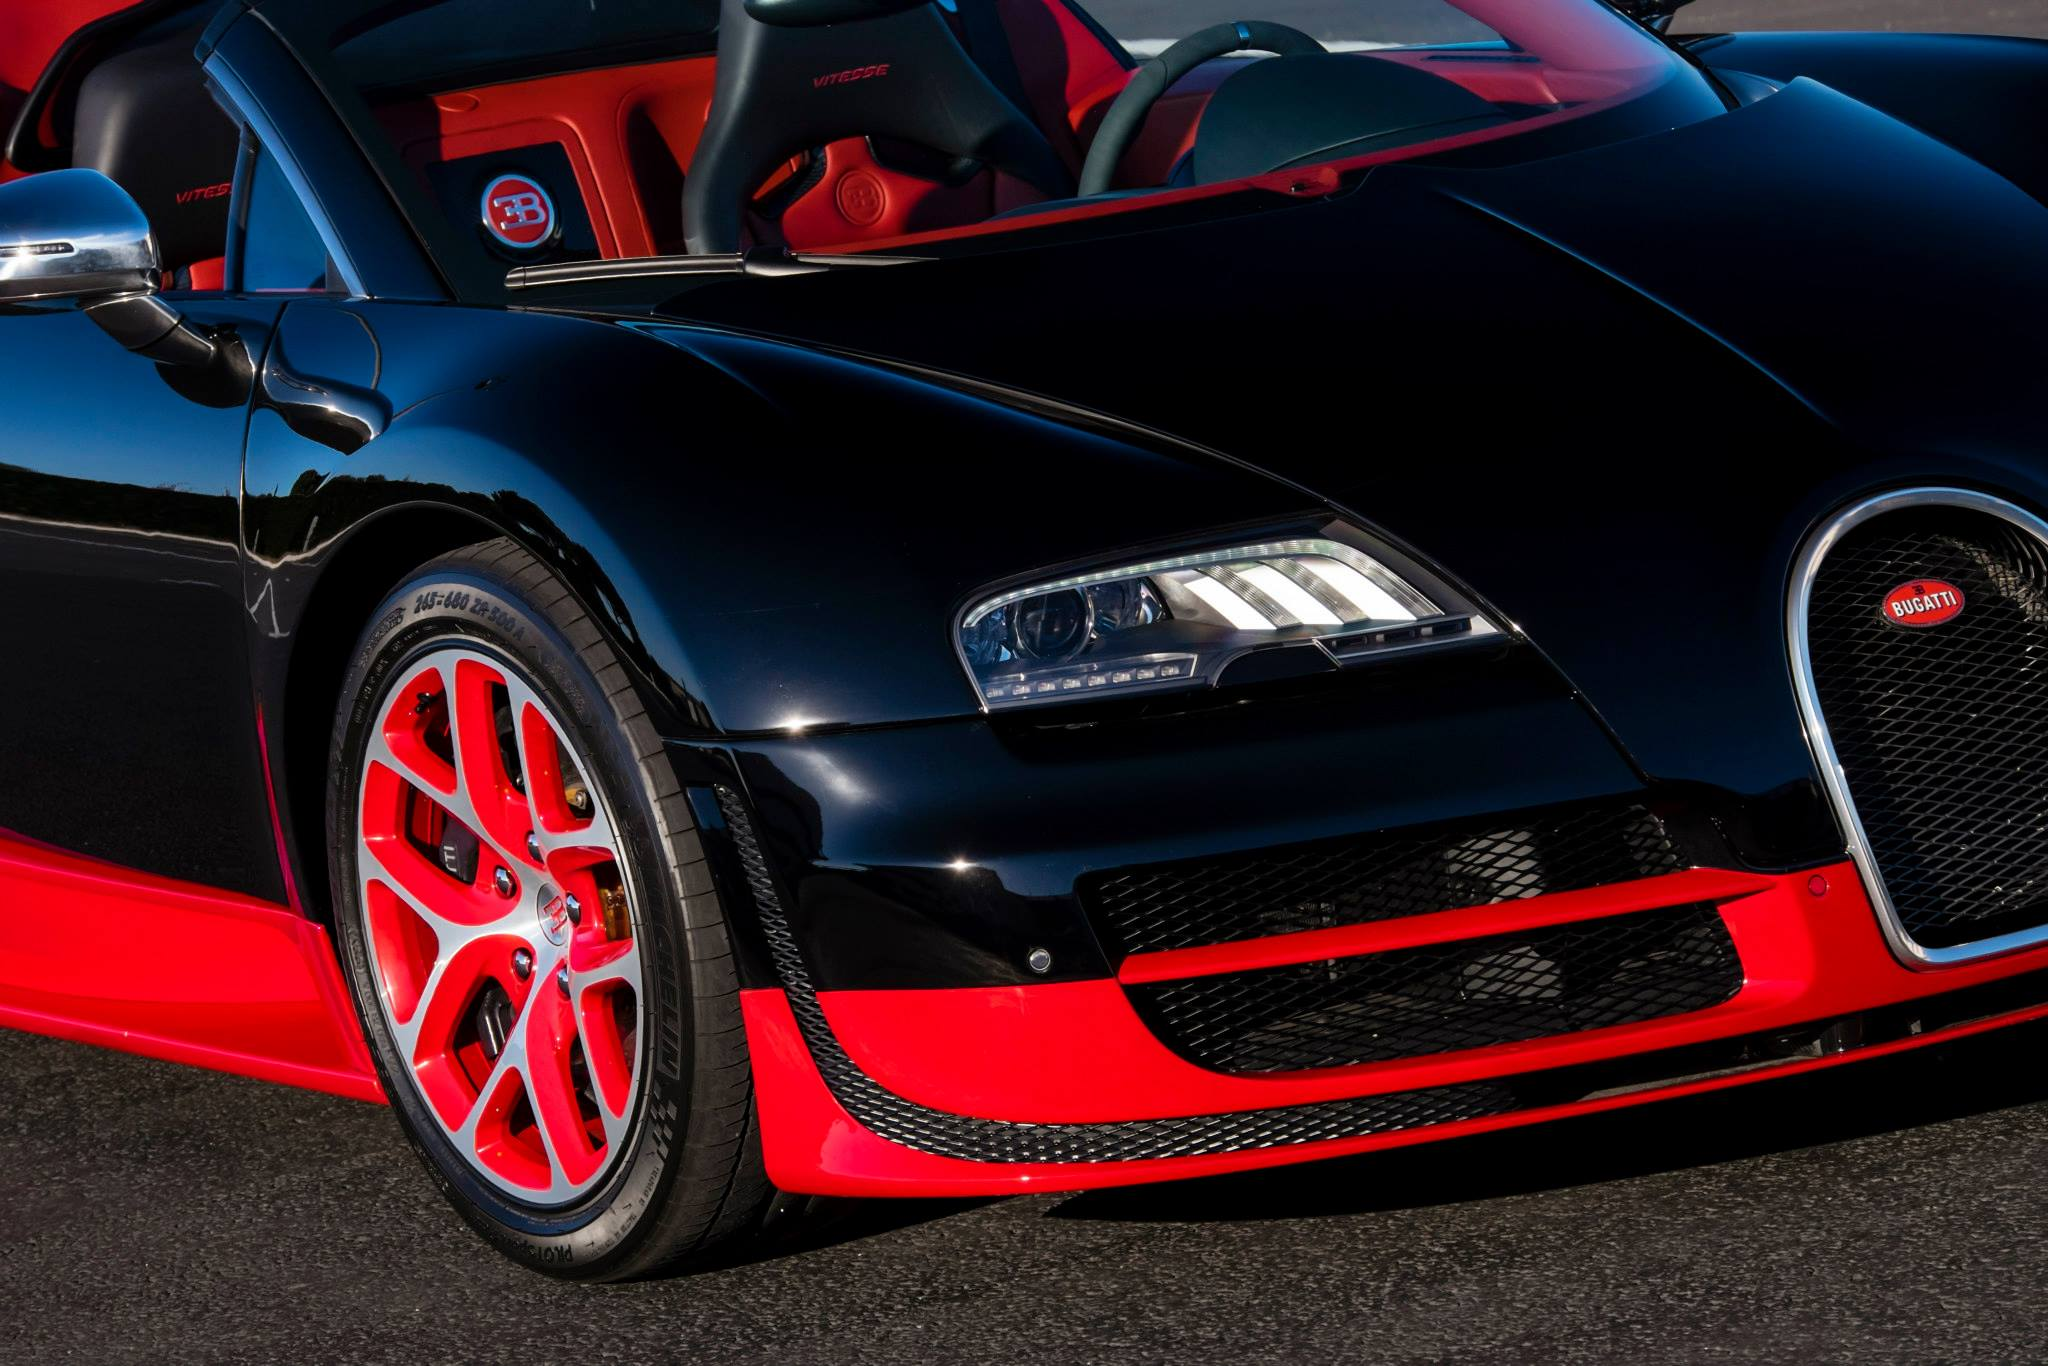 db89aa7a93 Exciting Bugatti Veyron Grand Sport Vitesse Fiche Technique Cars Trend